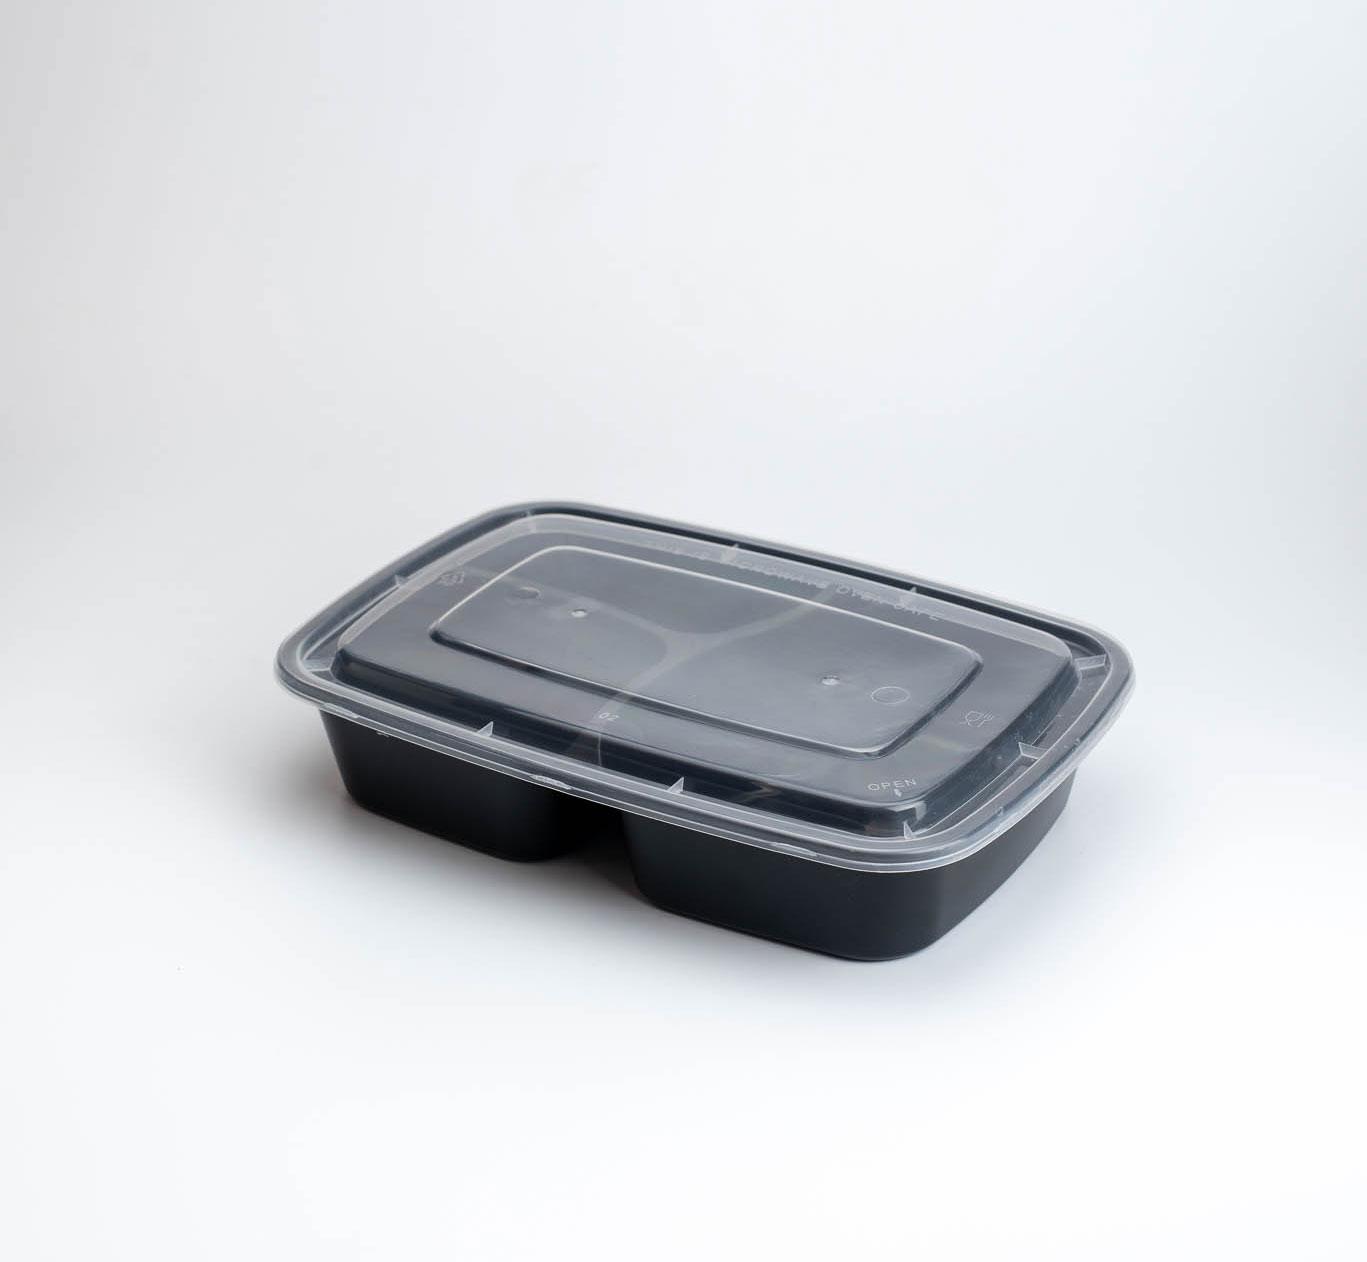 กล่องอาหารพลาสติก 3 ช่อง premium 800ml